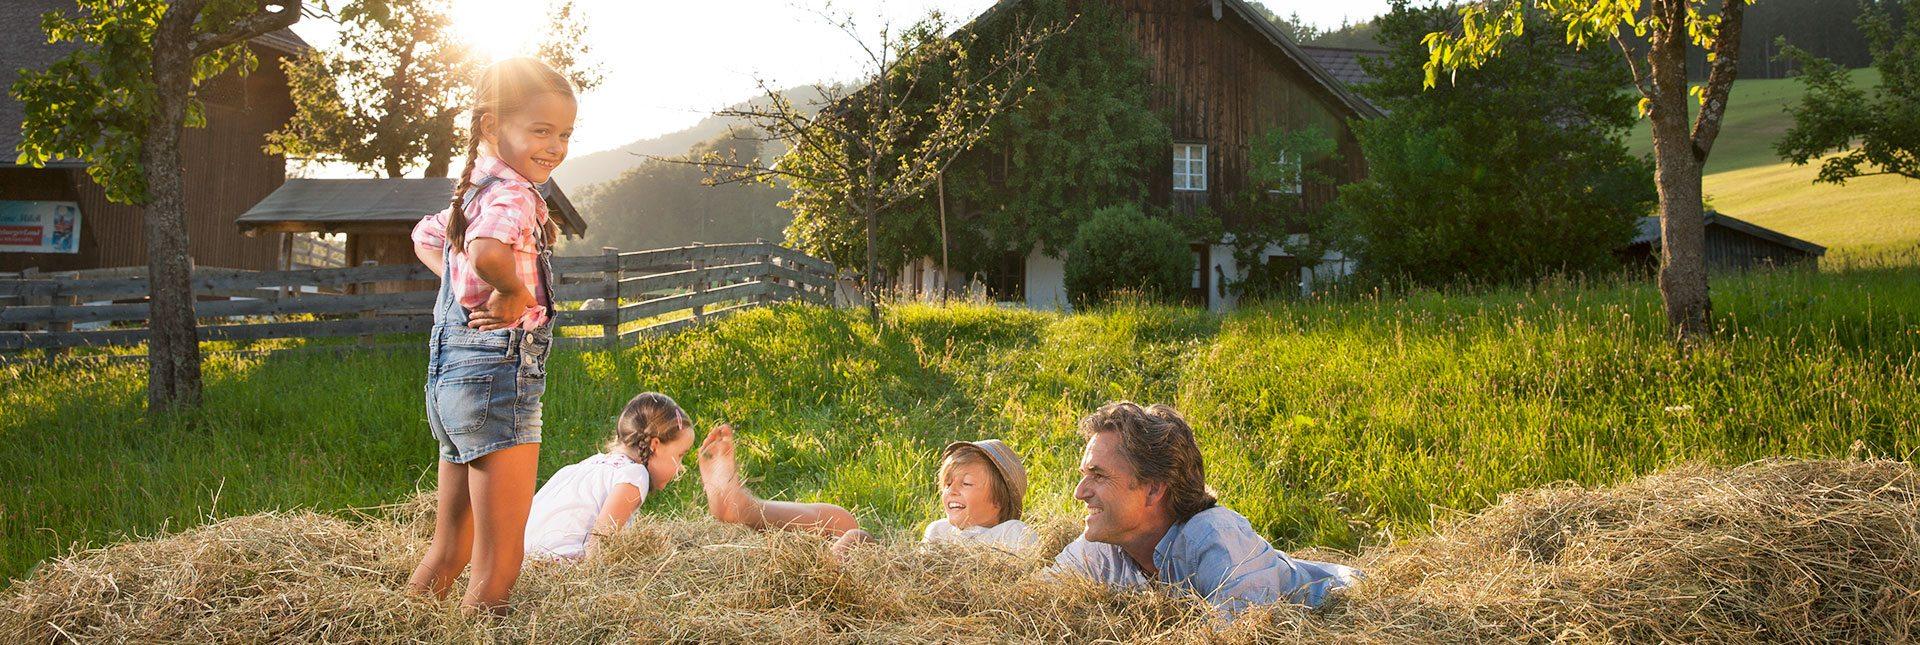 Urlaub am Bauernhof Hoisbauer –Ferienwohnungen in Gastein, Dorfgastein, Gasteinertal